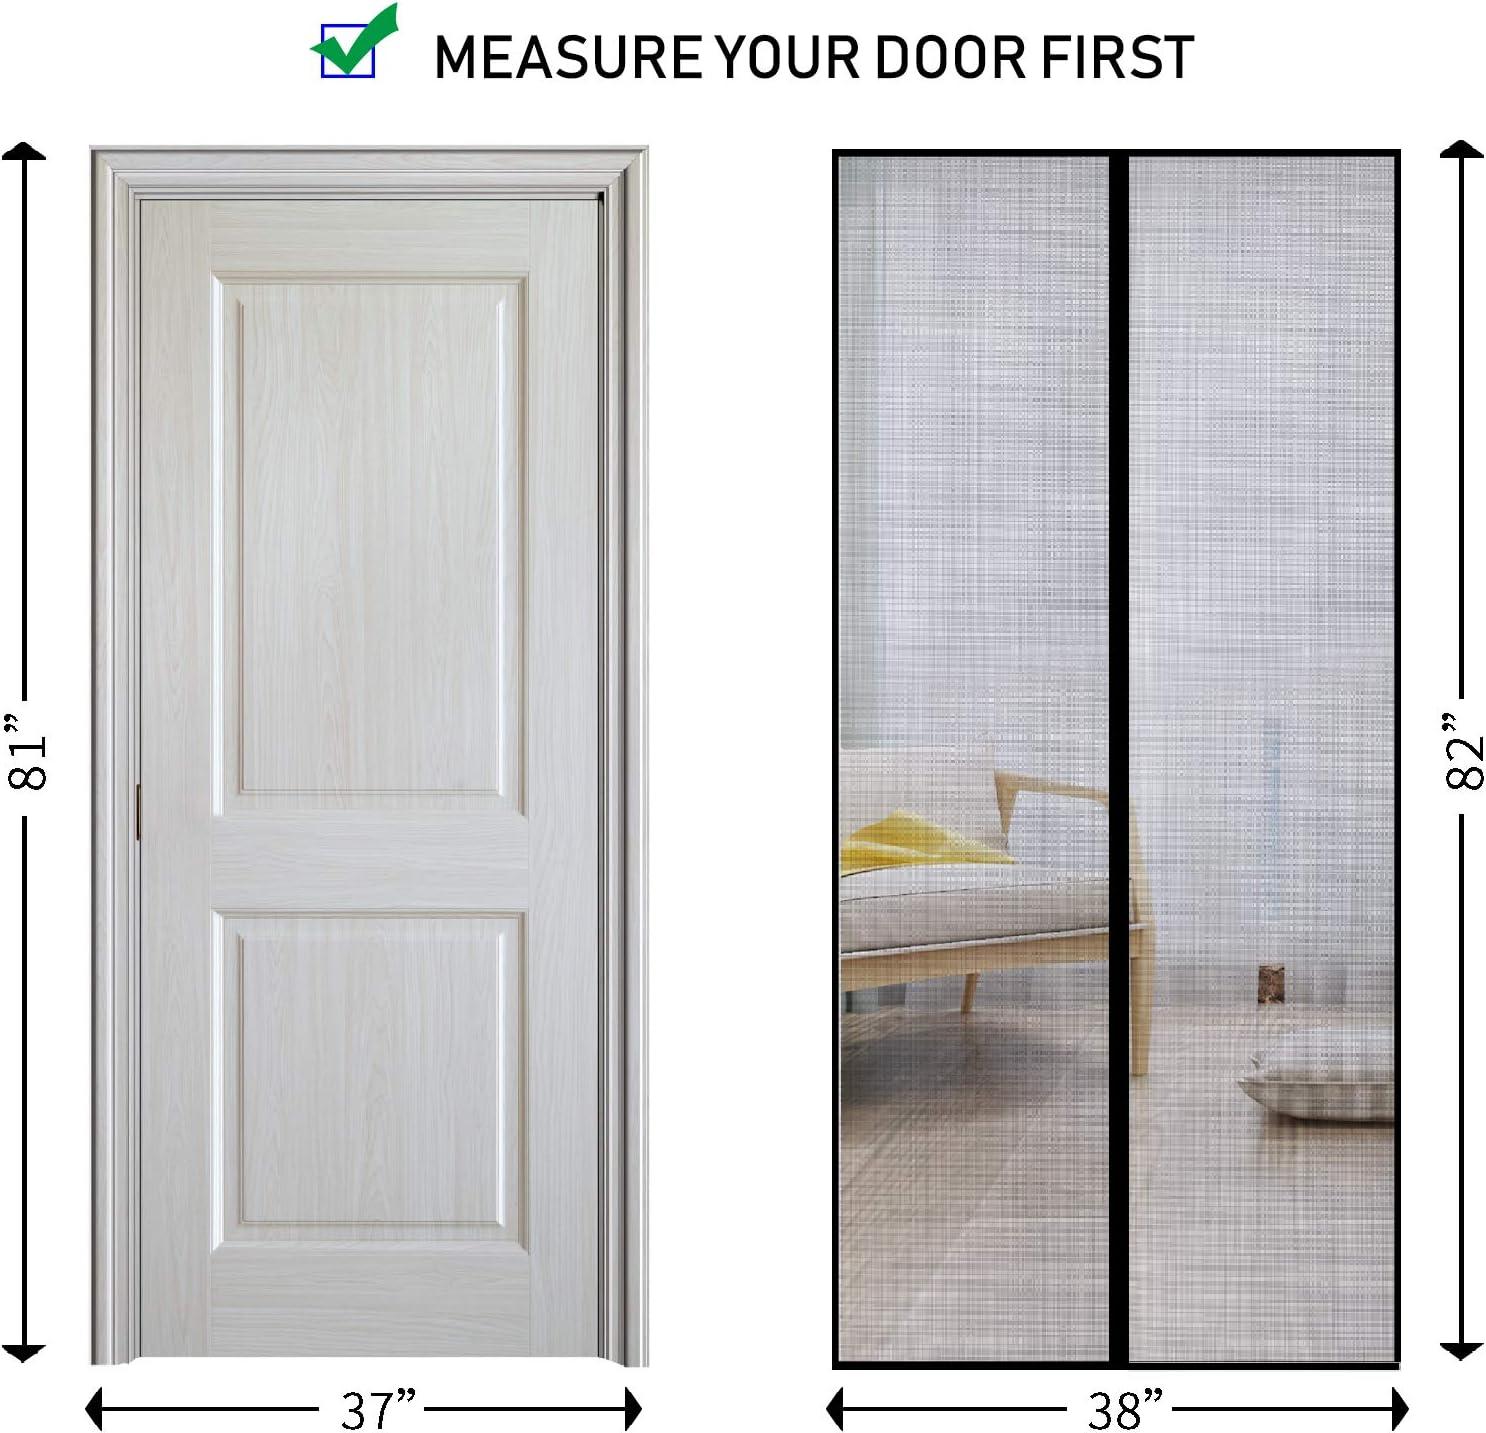 Fits Door Size up to 36x82 YUFER Fiberglass Magnetic Screen Door 36/×82 Magnetic Mesh Screen Door with Magnetic Closure Door Screen